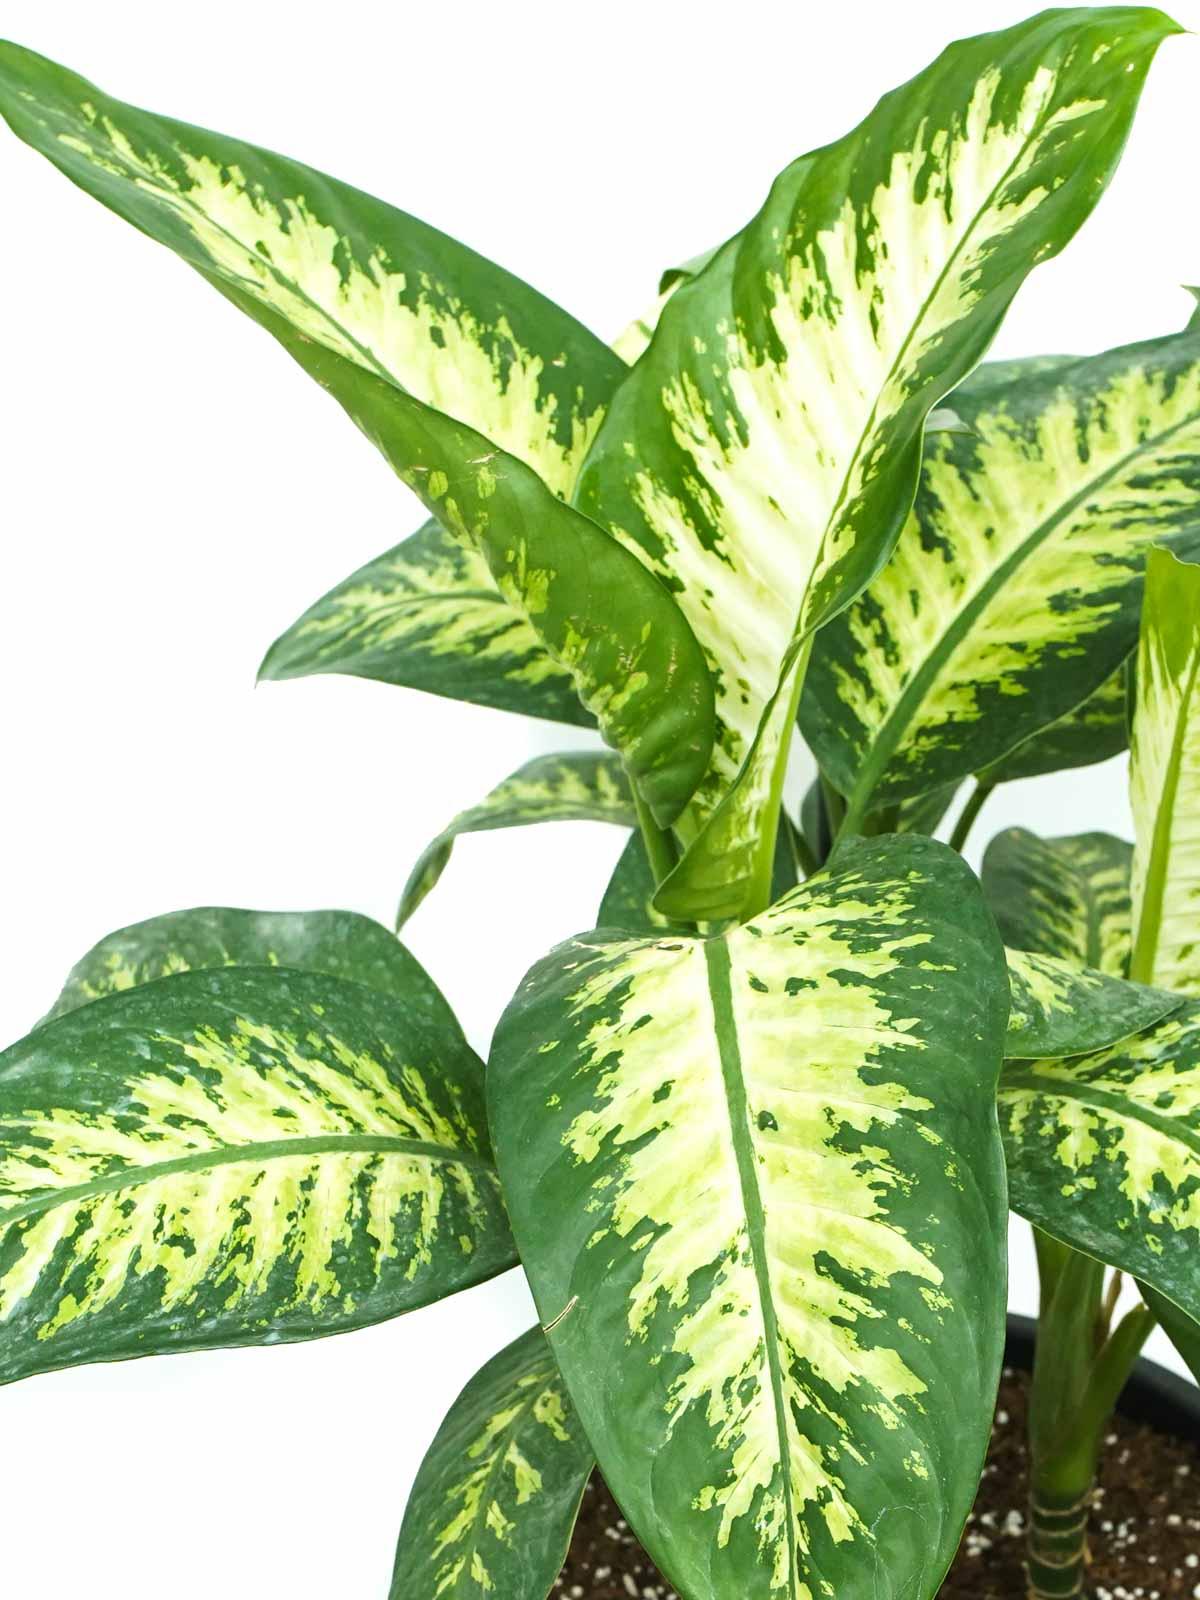 نبات الدفنبخيا تروبيك سنو 'نباتات داخلية شجيرات